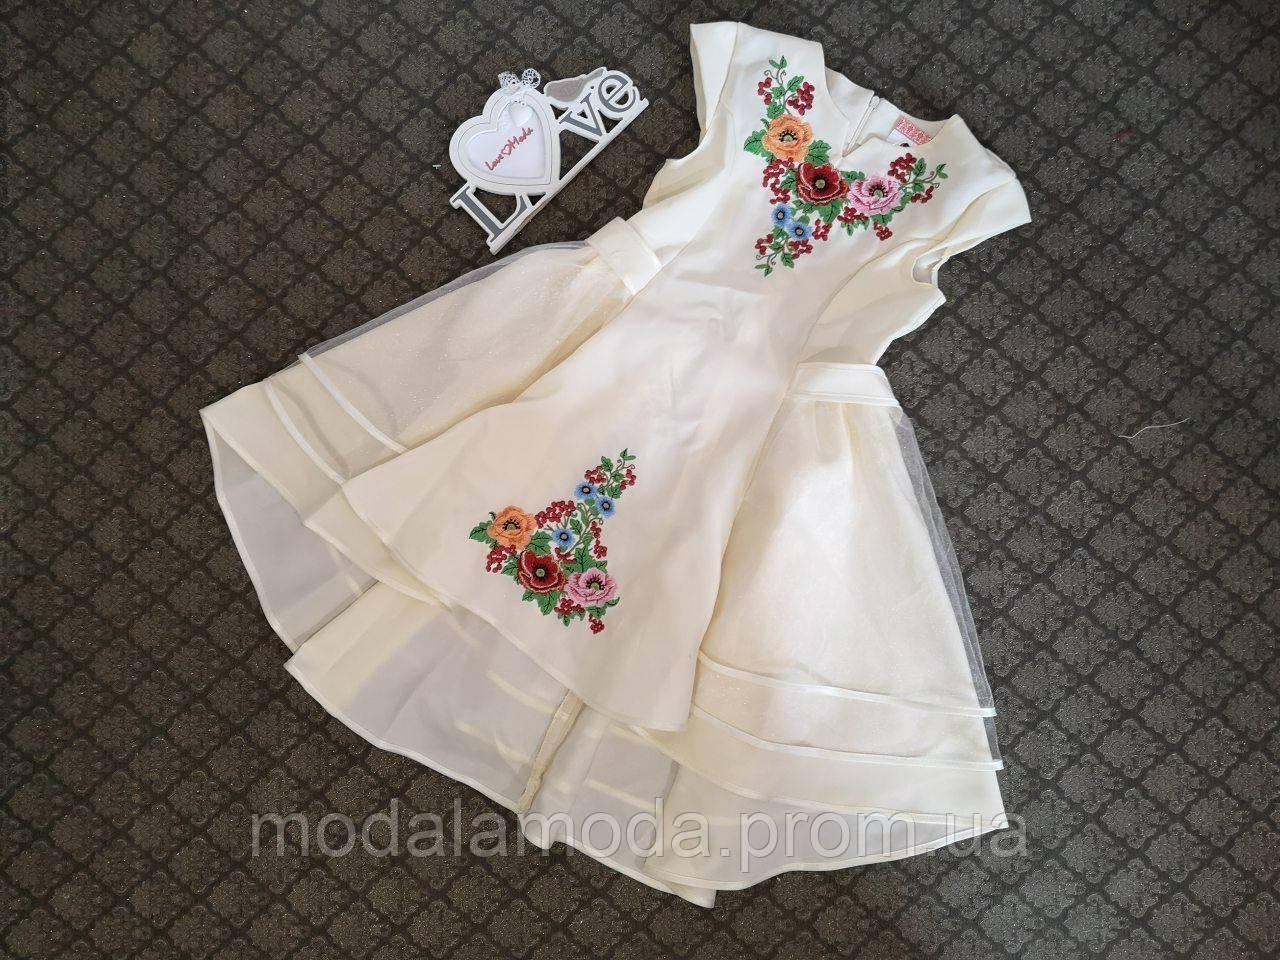 Платье вышитое для подростка с красивыми цветами и пышной юбкой